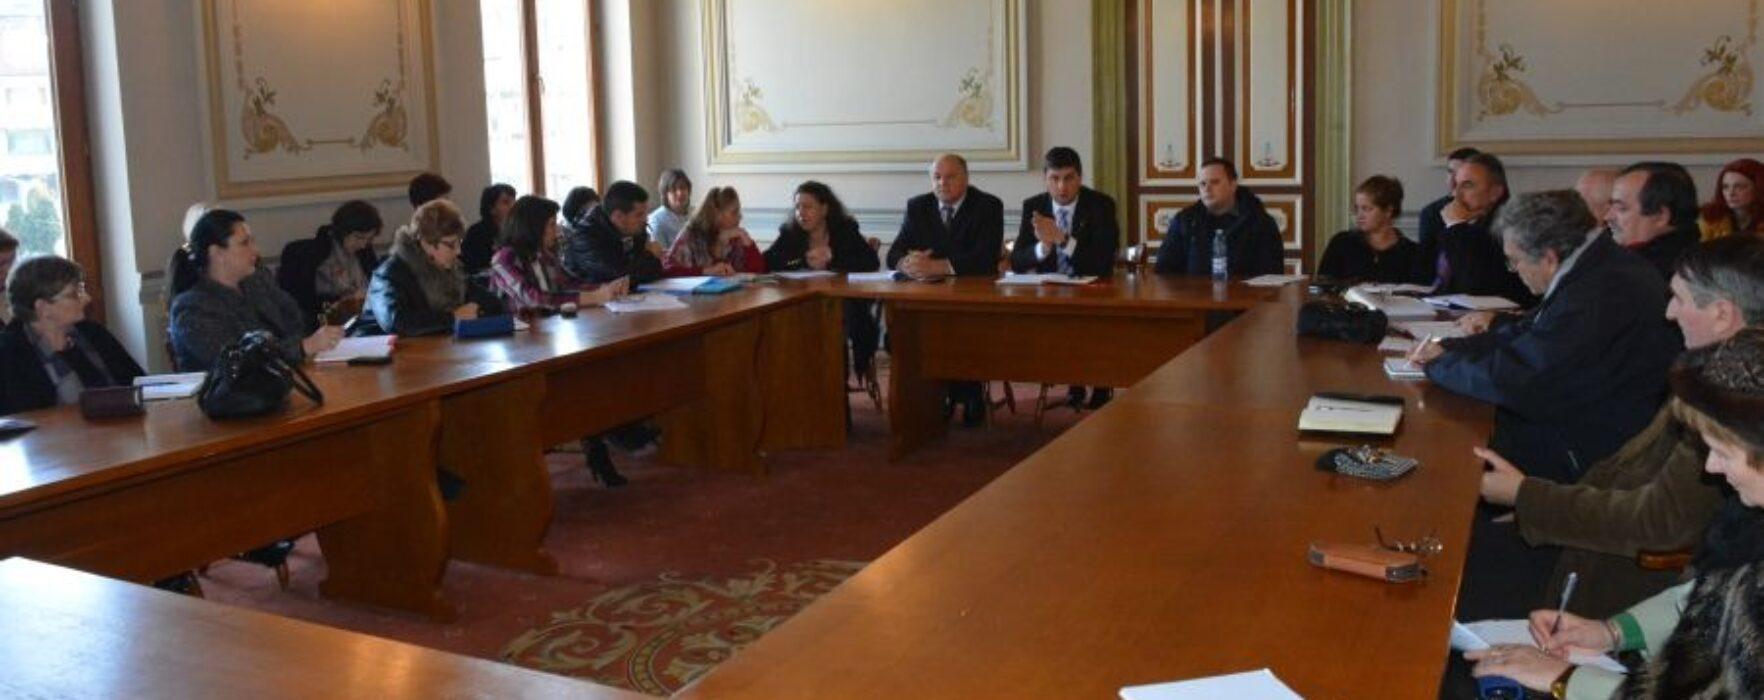 Primarul Gabriel Boriga s-a întâlnit cu directorii de şcoli din Târgovişte